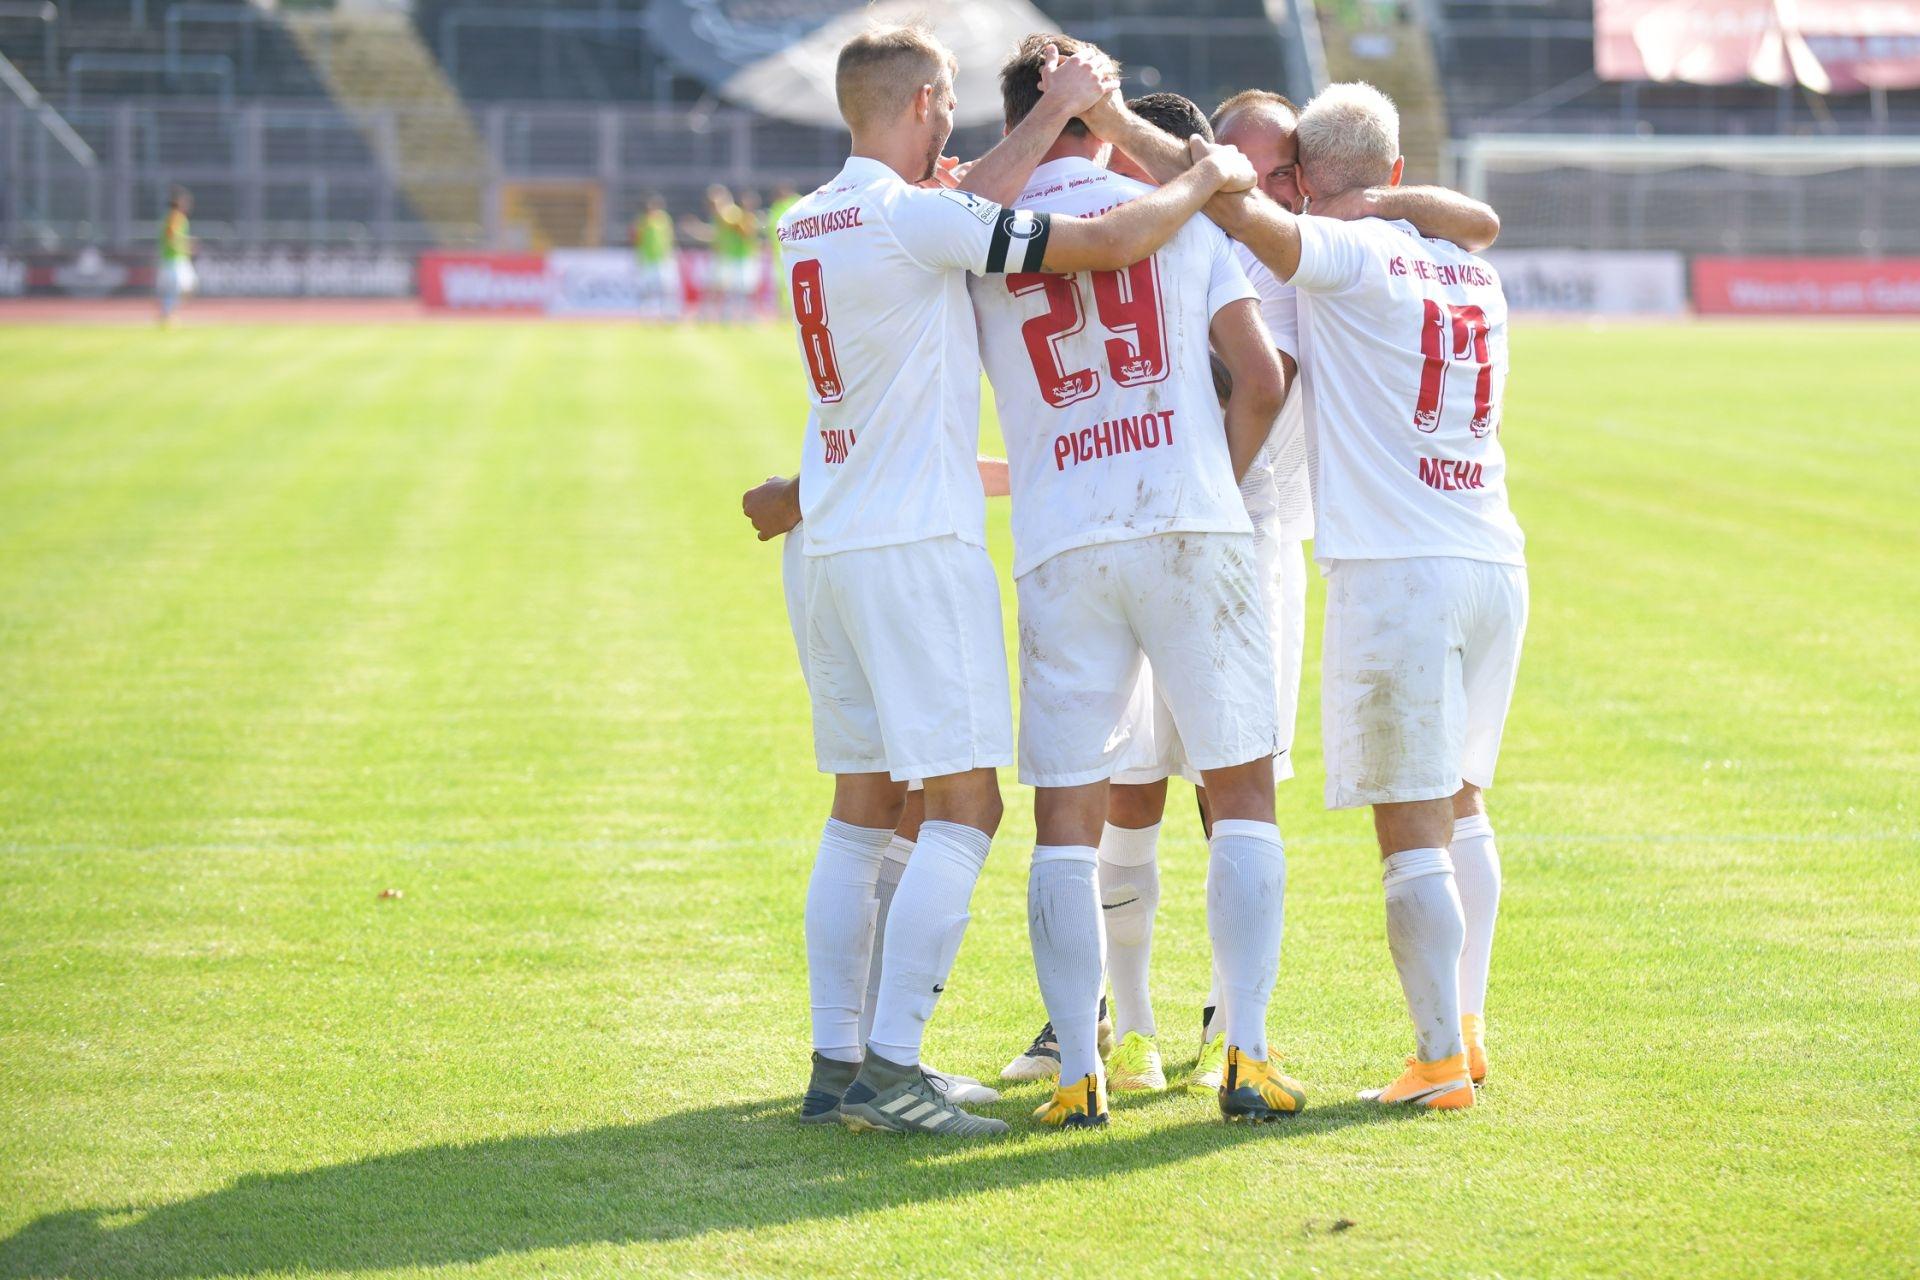 Regionalliga S�dwest 2020/21, KSV Hessen Kassel, TSV Schott Mainz, Endstand 2:1, Jubel zum 2:0